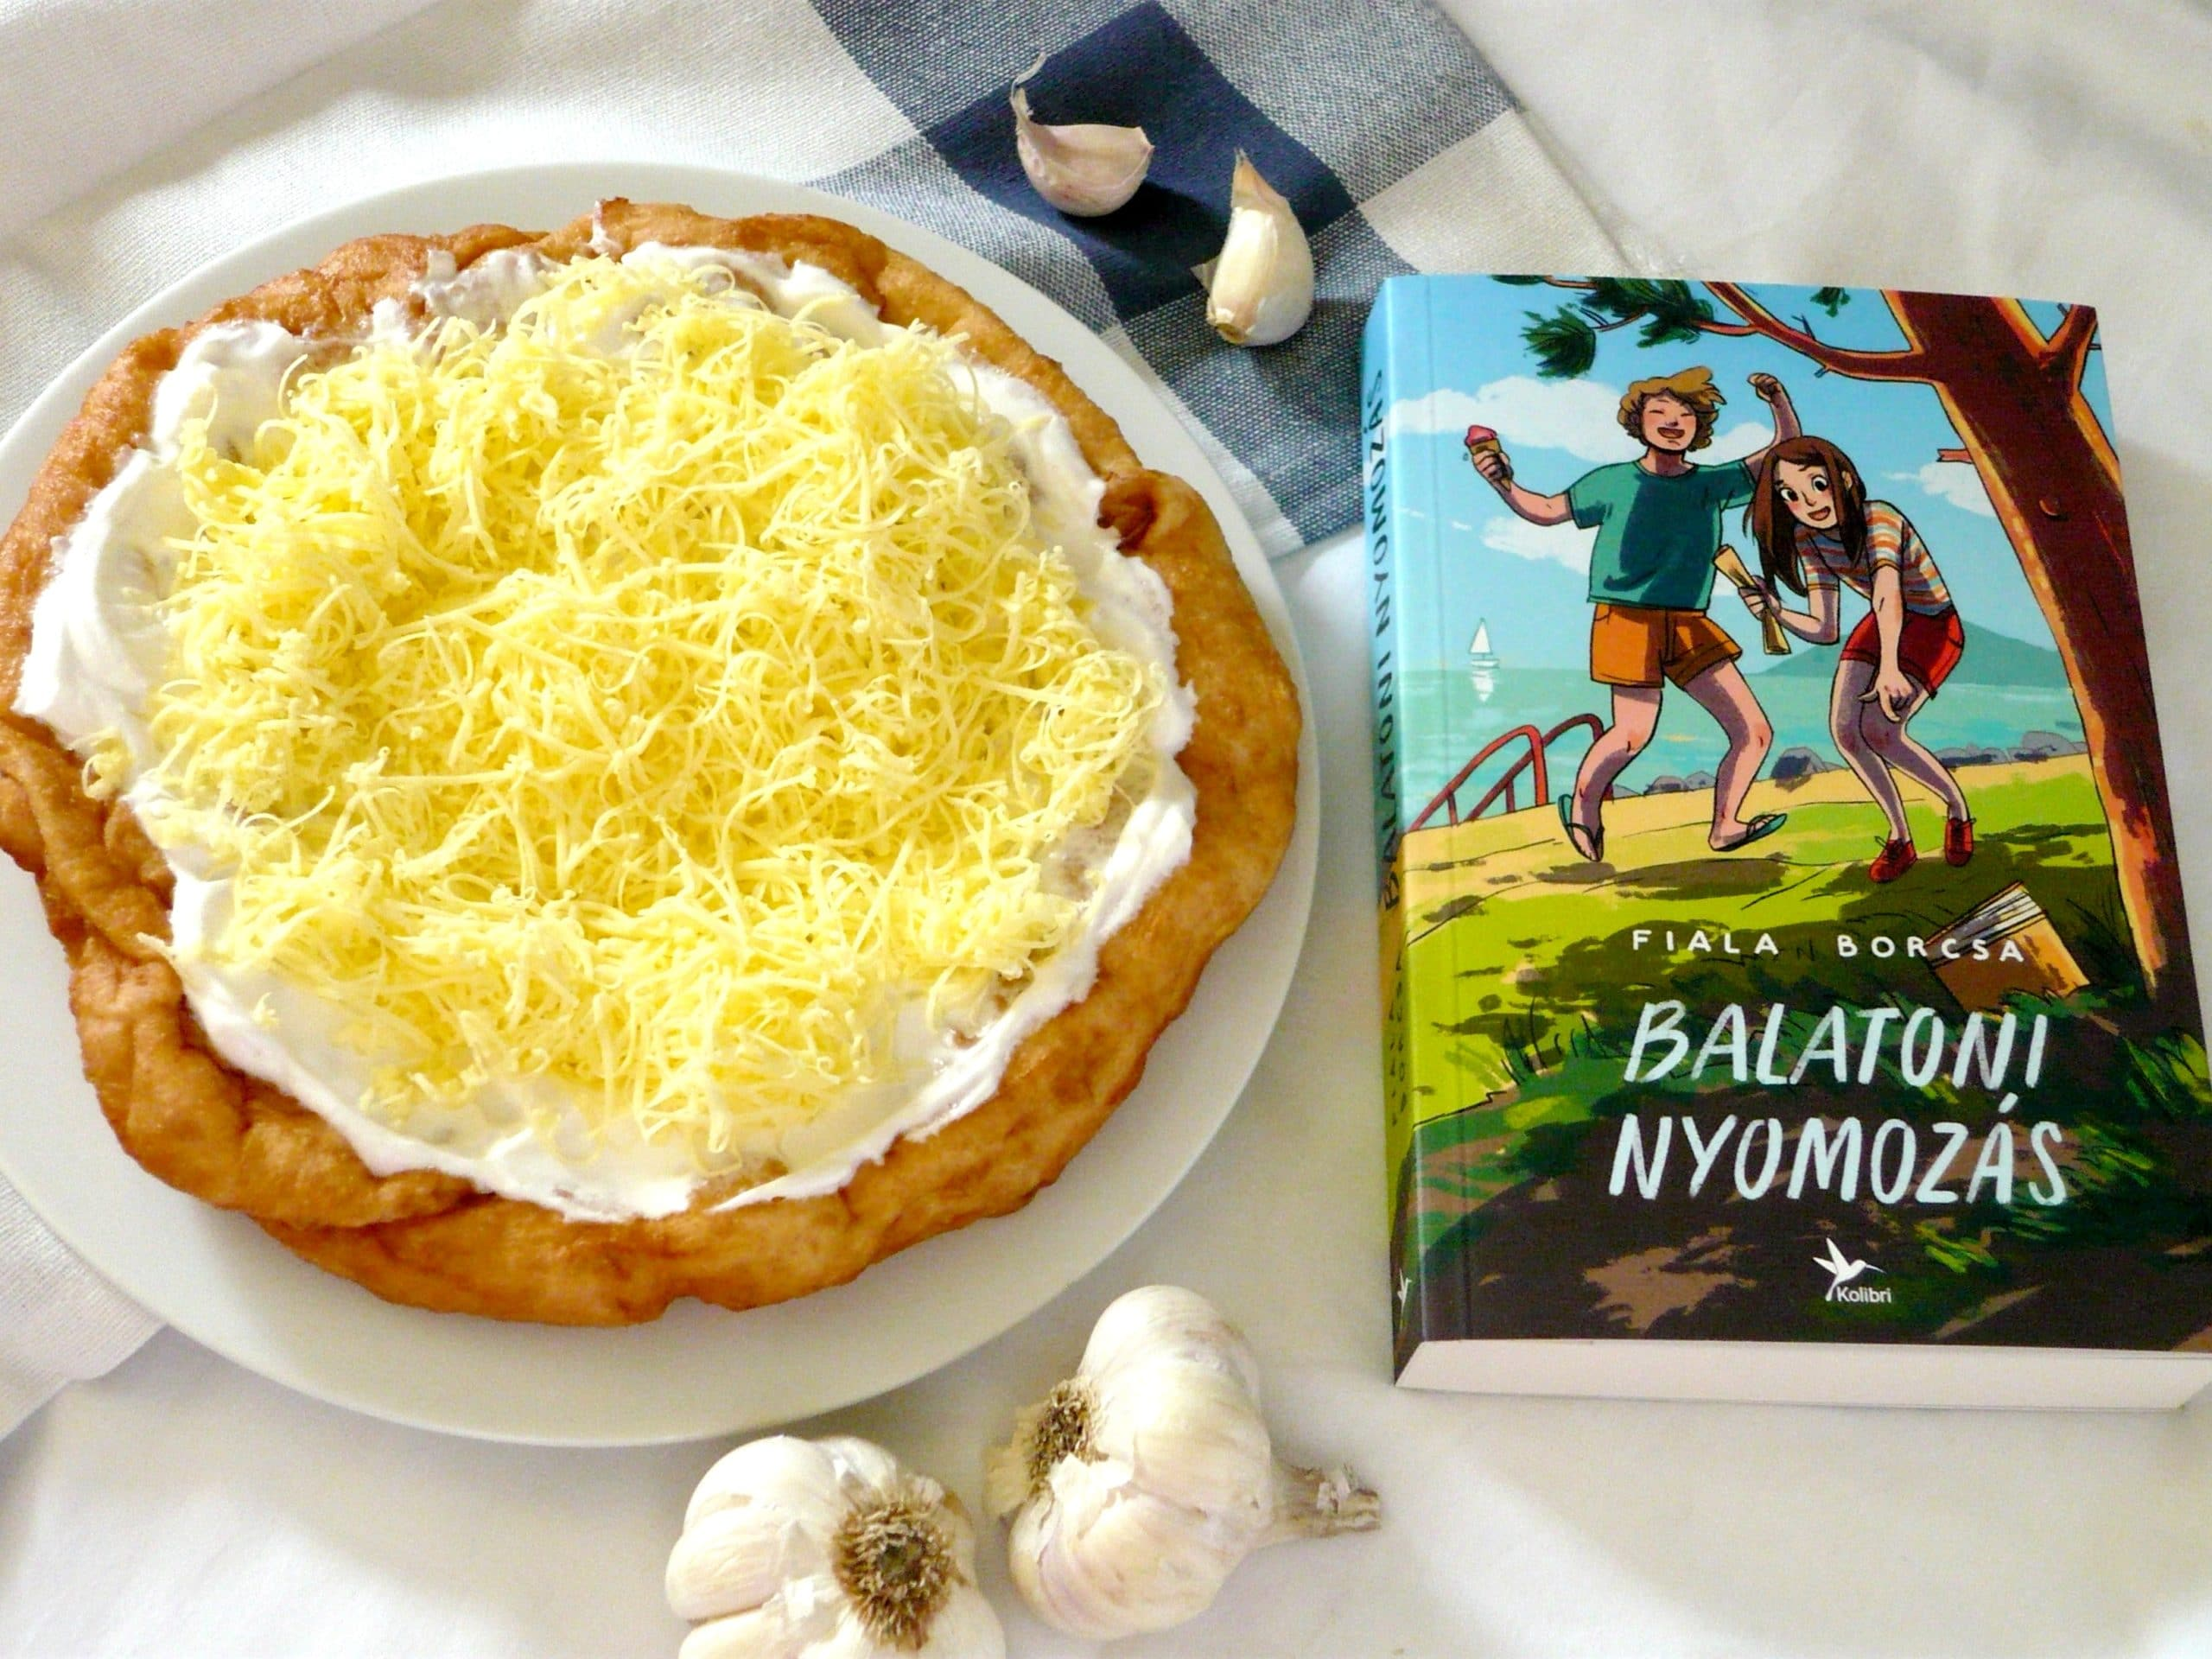 Fiala Borcsa: Balatoni nyomozás - Sajtos-tejfölös lángos (vegán)